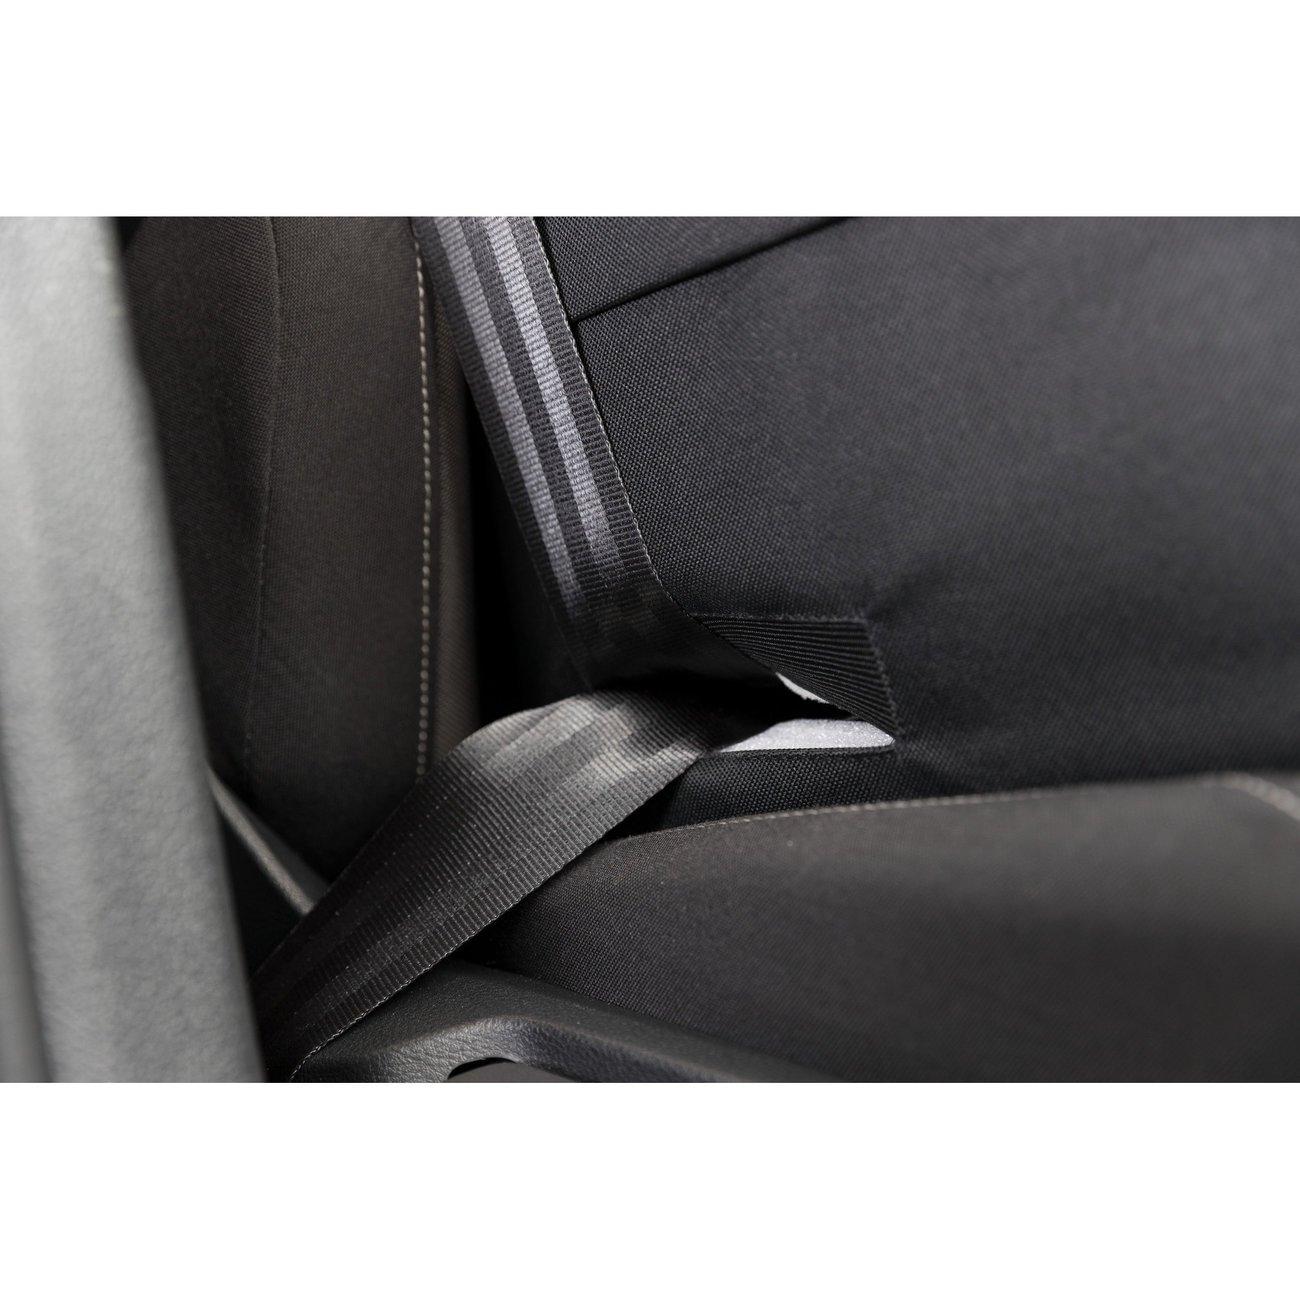 TRIXIE Autositz für kleine Hunde bis 8 kg 13176, Bild 19